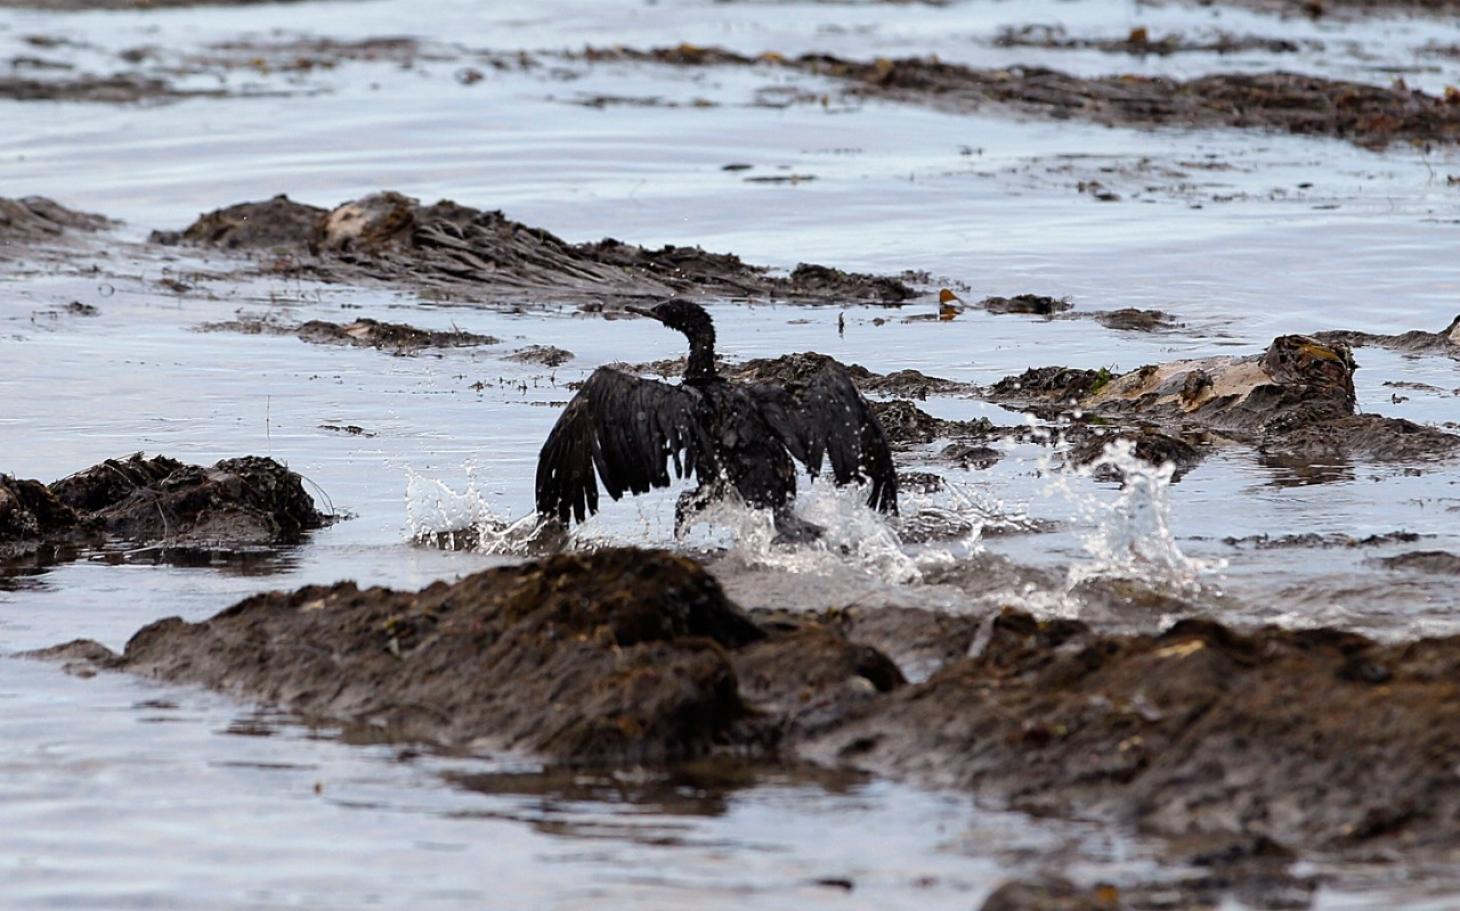 ExxonMobil Halts Drilling Weeks After CA Spill | Al Jazeera